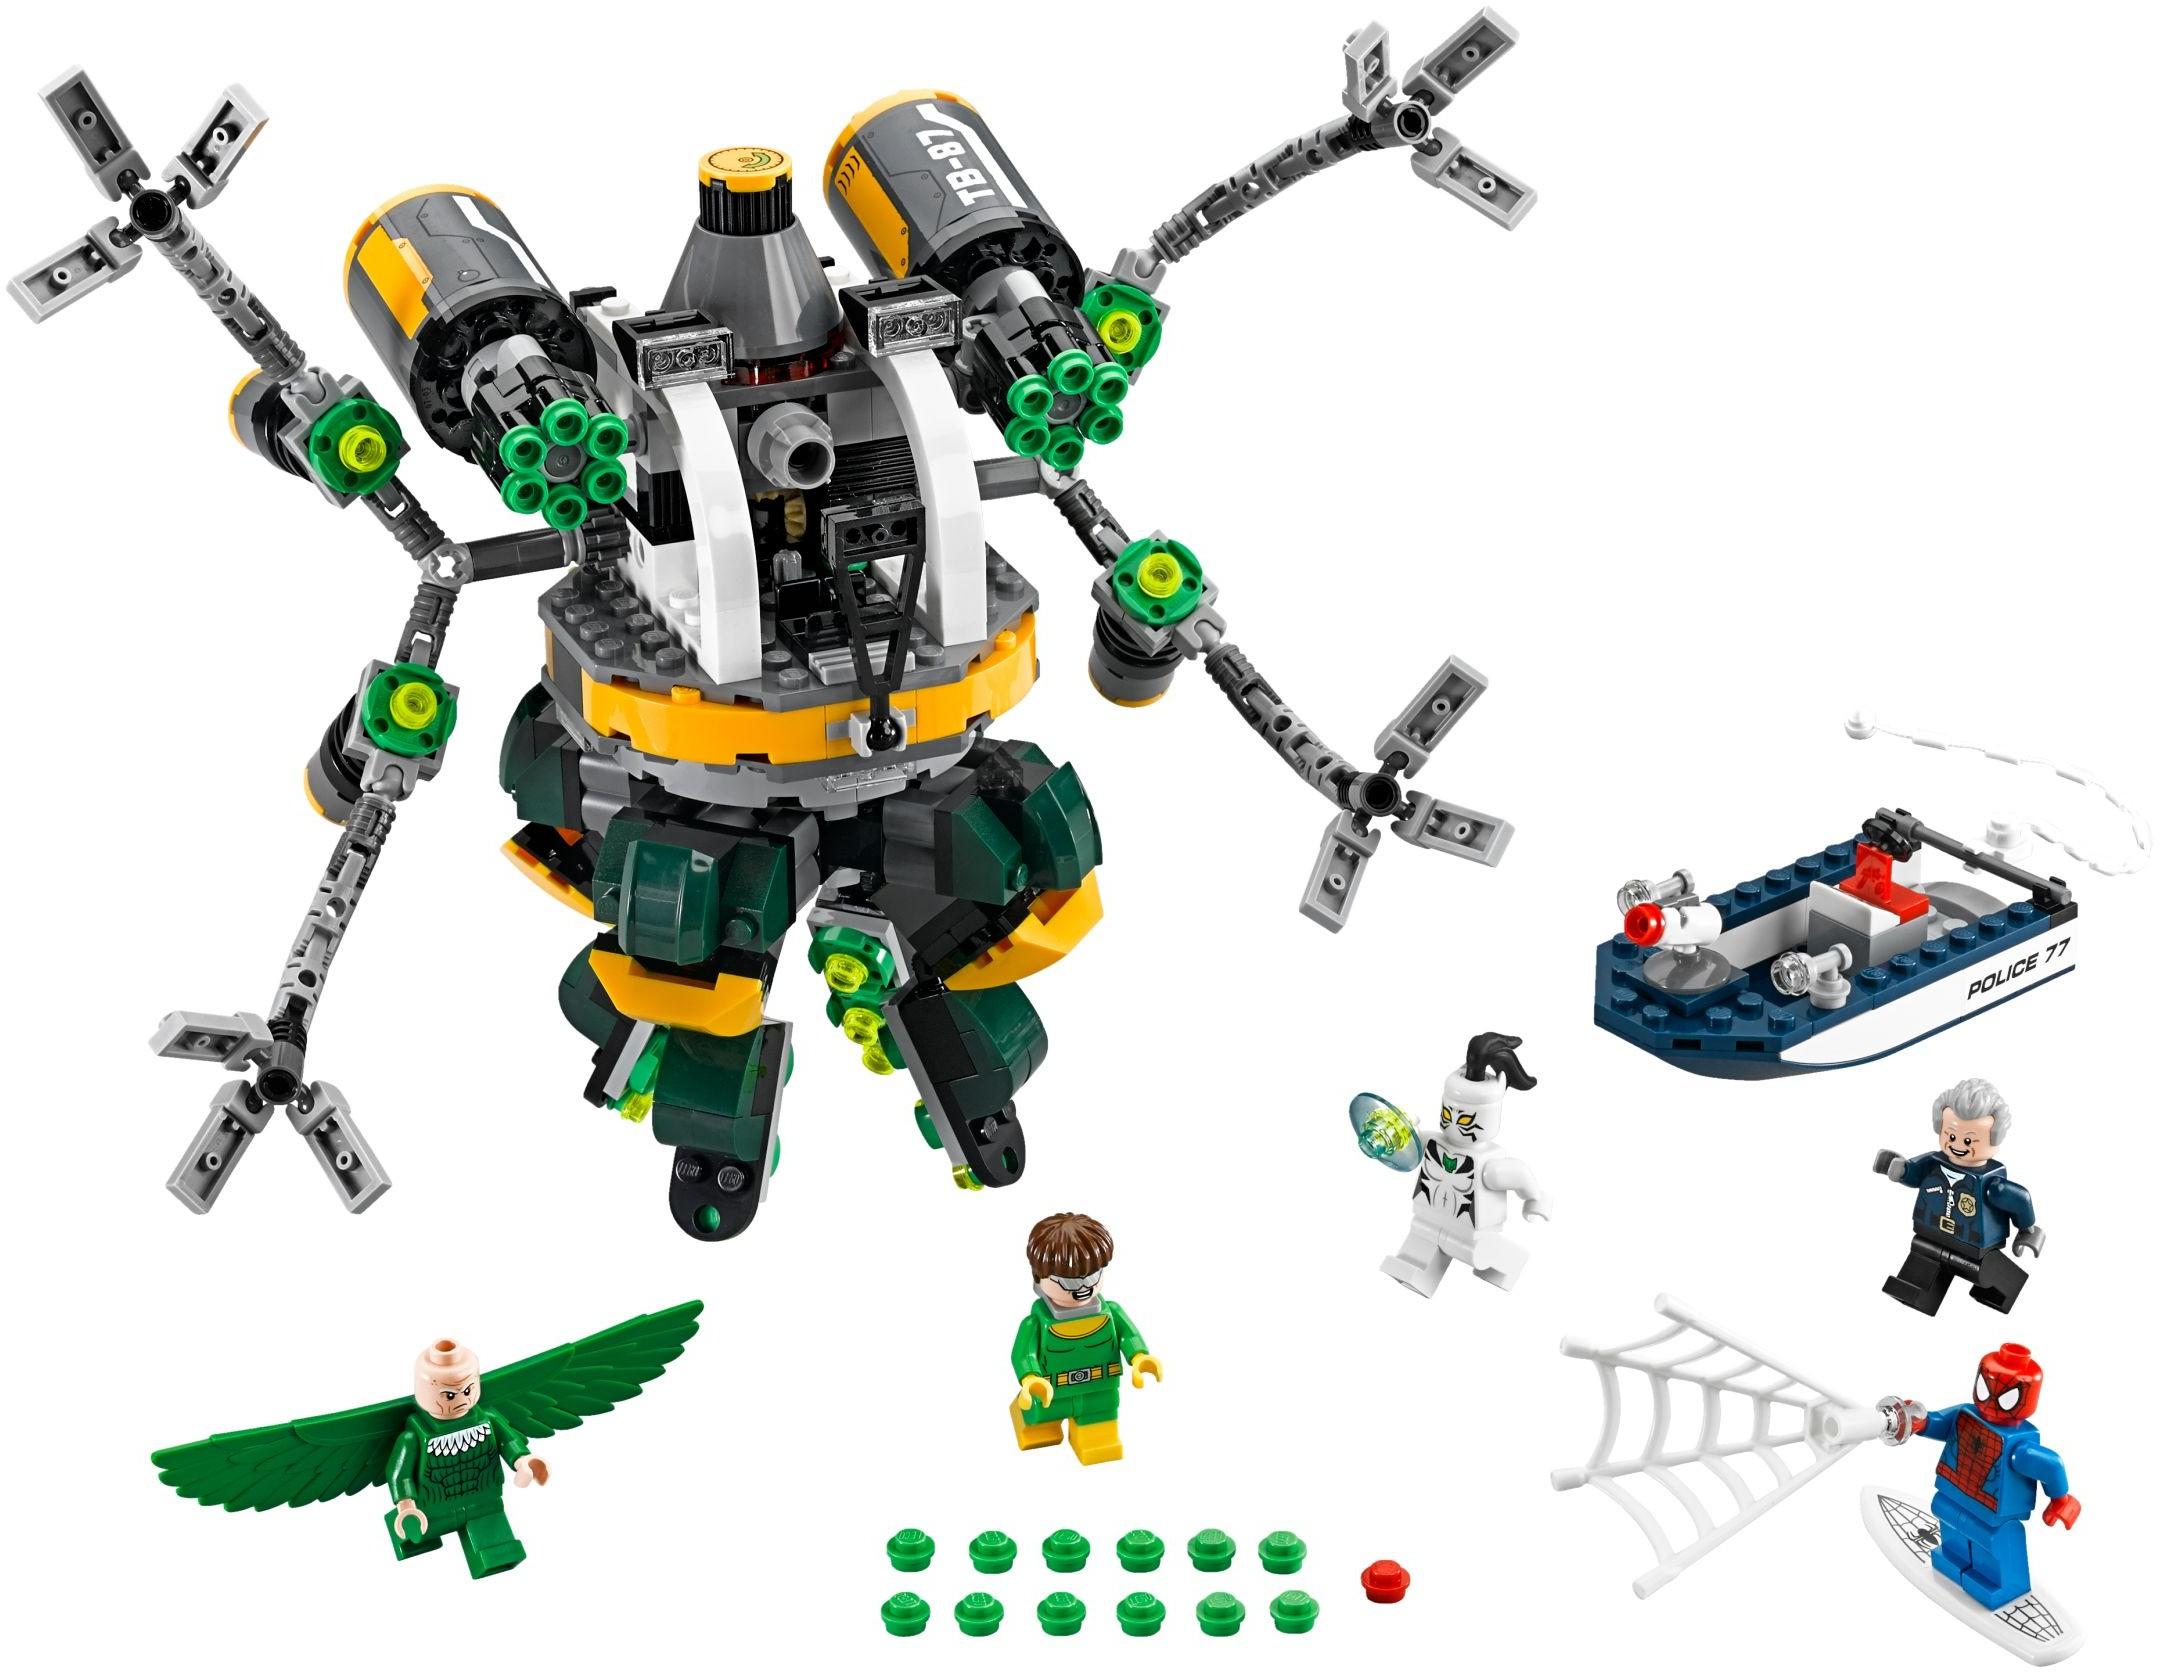 Lego Spiderman Malvorlagen Star Wars 1 Lego Spiderman: Brickset: LEGO Set Guide And